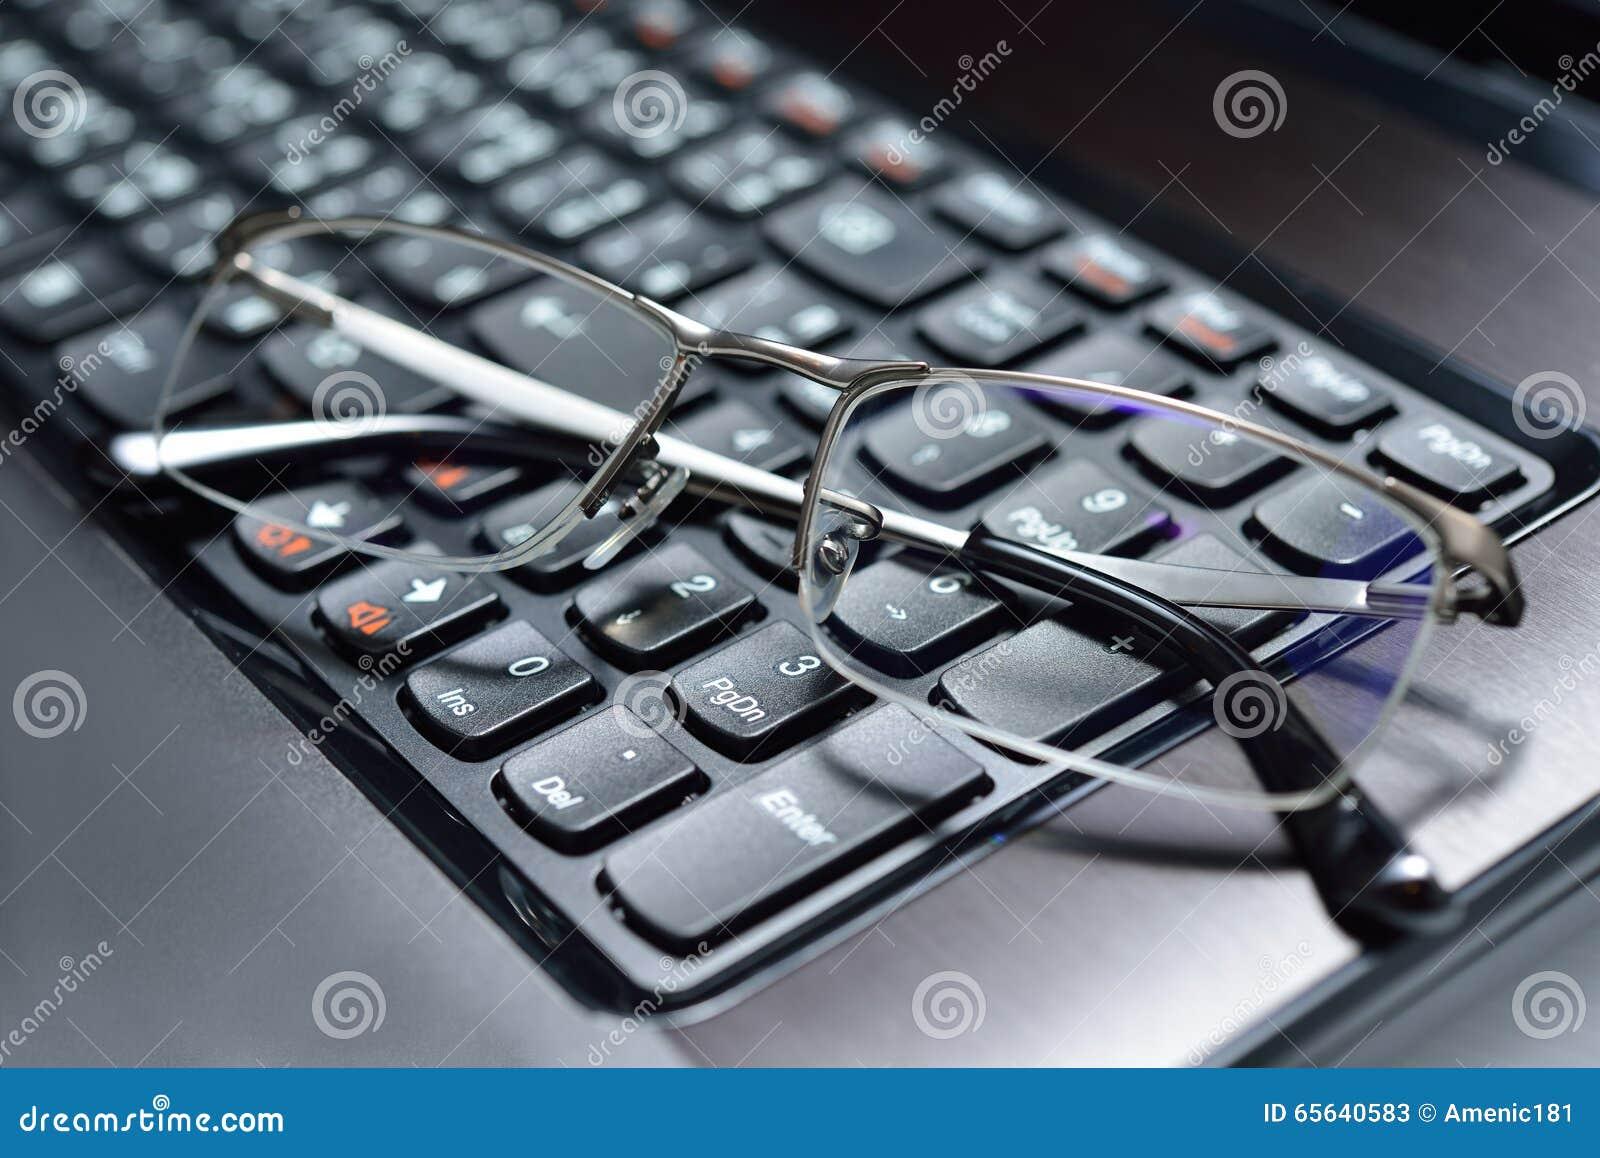 Lunettes sur le clavier